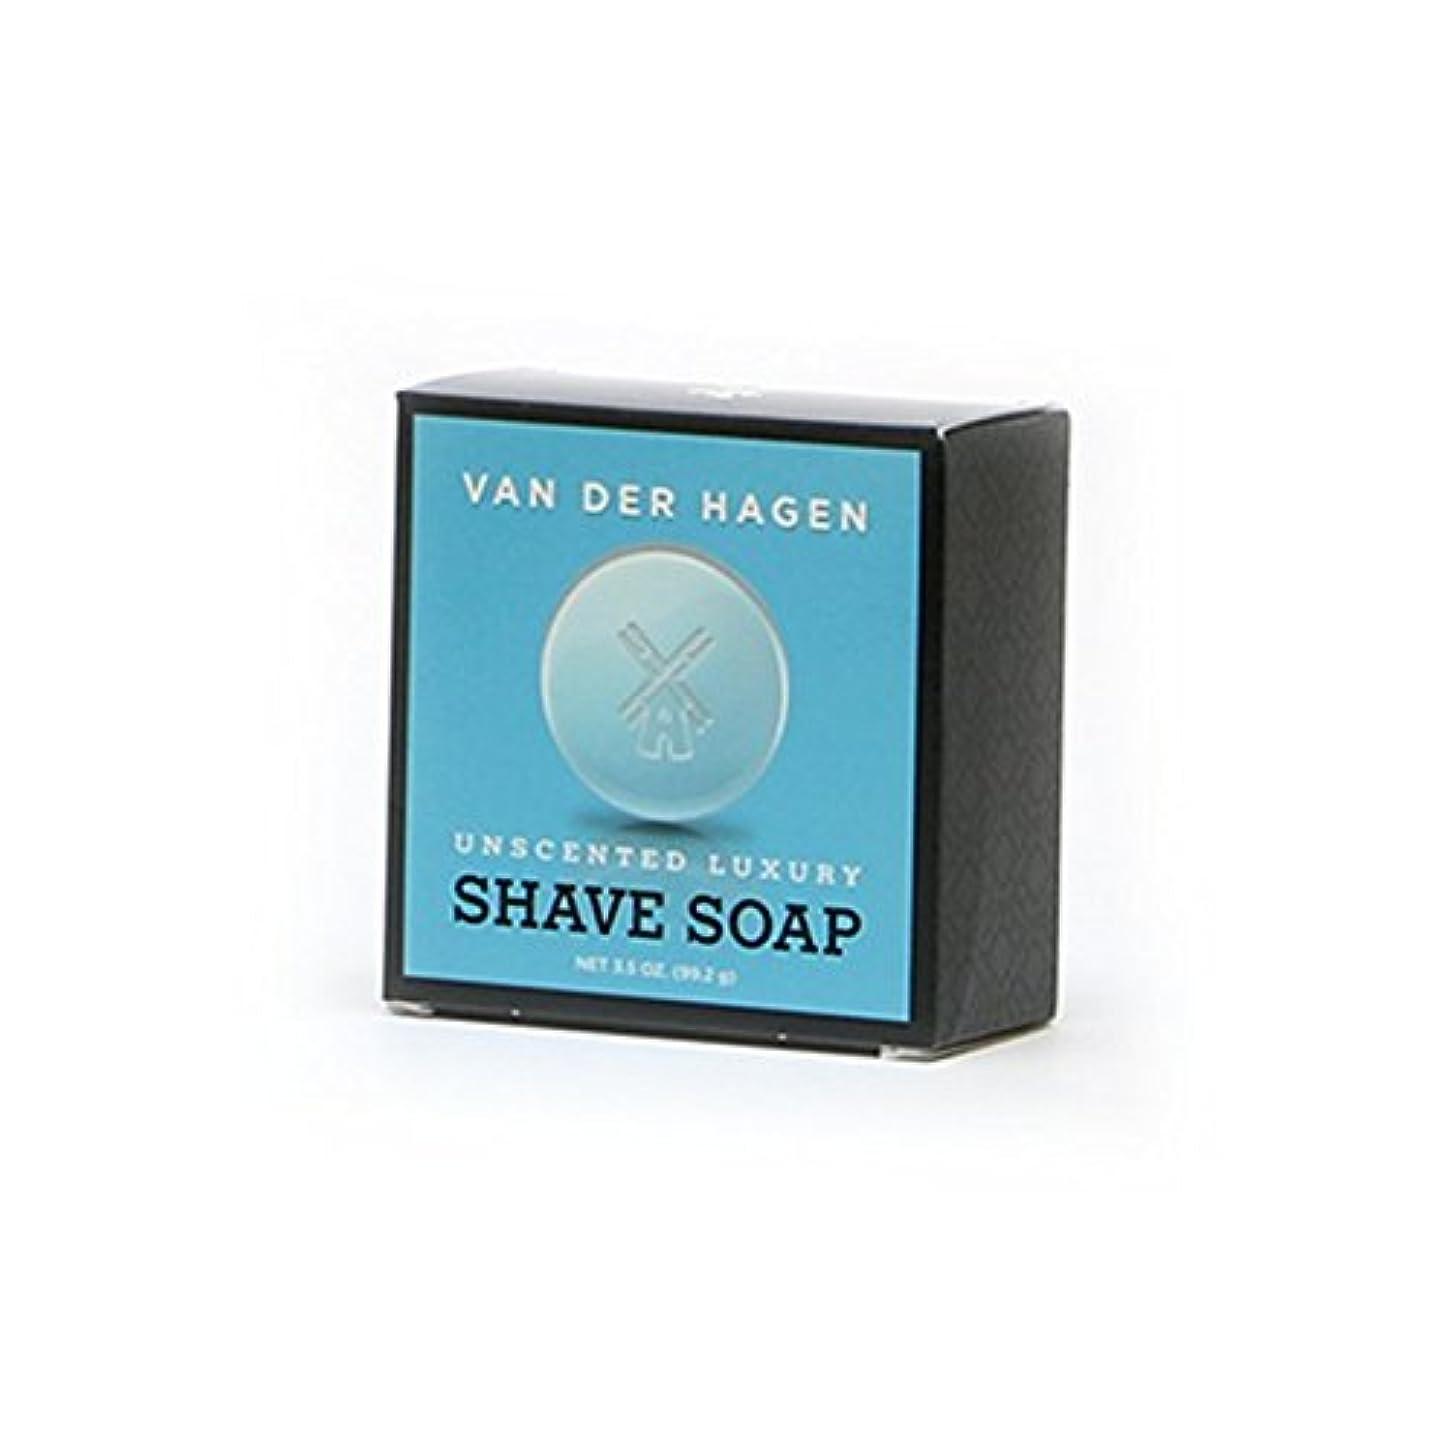 フクロウ進む慣れているVANDERHAGEN(米) シェービングソープ 剃刀負けしにくい 無香料 髭剃り用石鹸